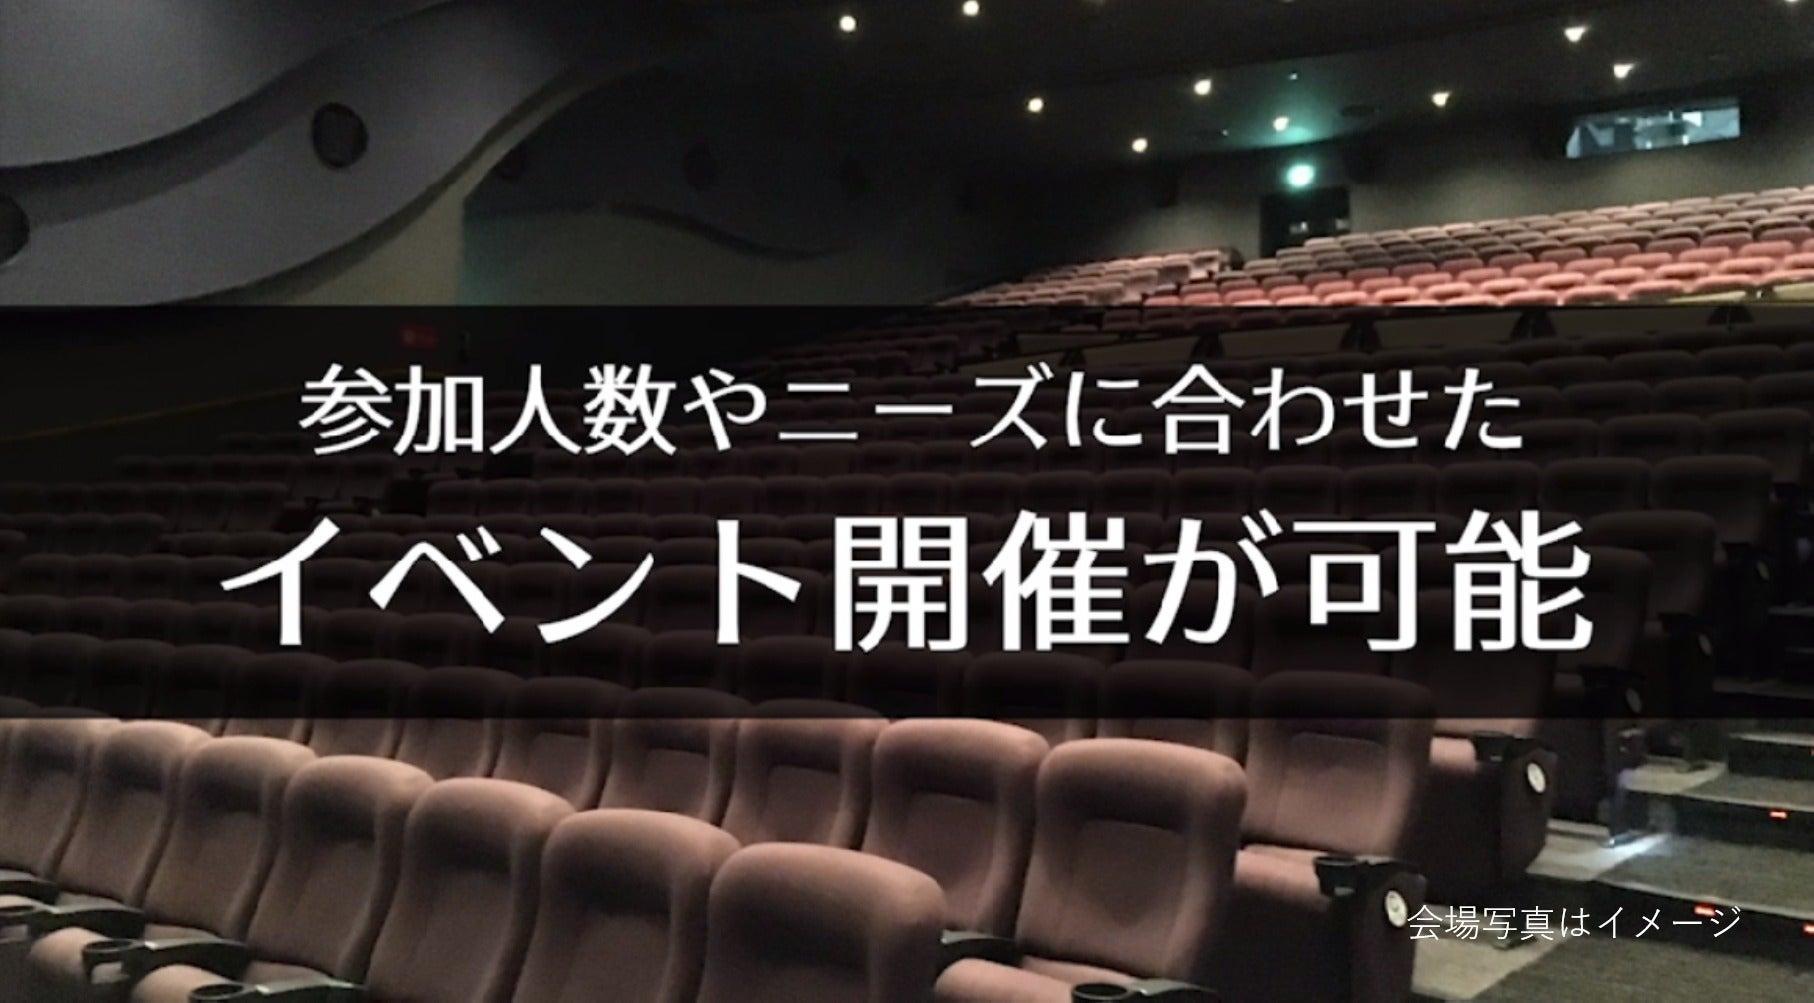 【橿原 322席】映画館で、会社説明会、株主総会、講演会の企画はいかがですか? の写真